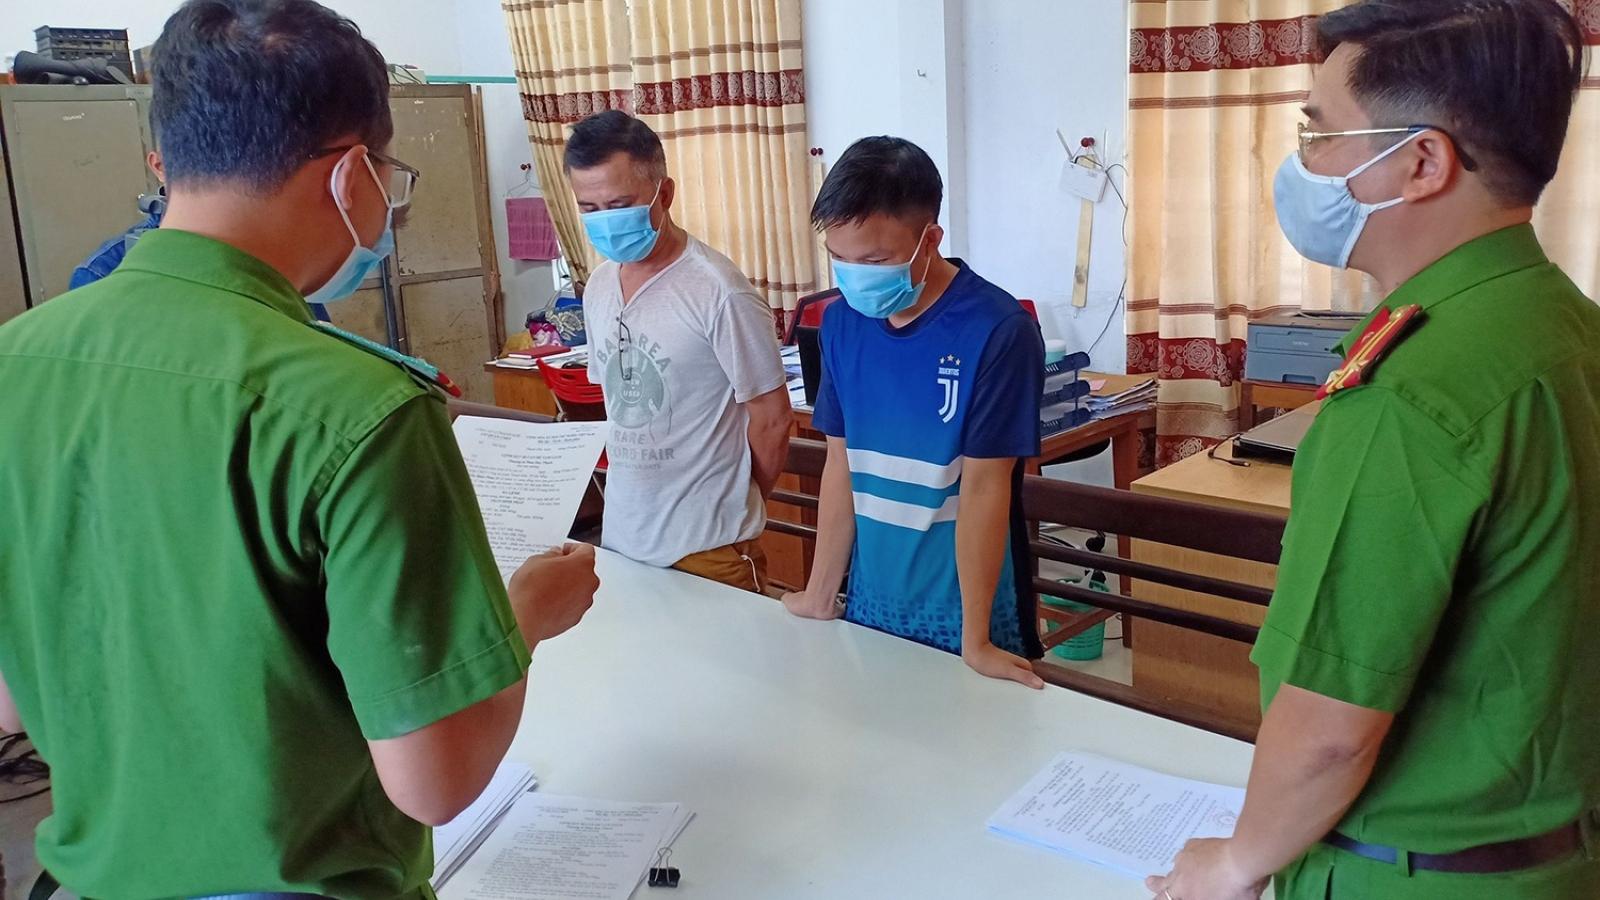 Bắt chủ hiệu photo làm giả 121 con dấu, tài liệu của cơ quan, tổ chức ở Đà Nẵng